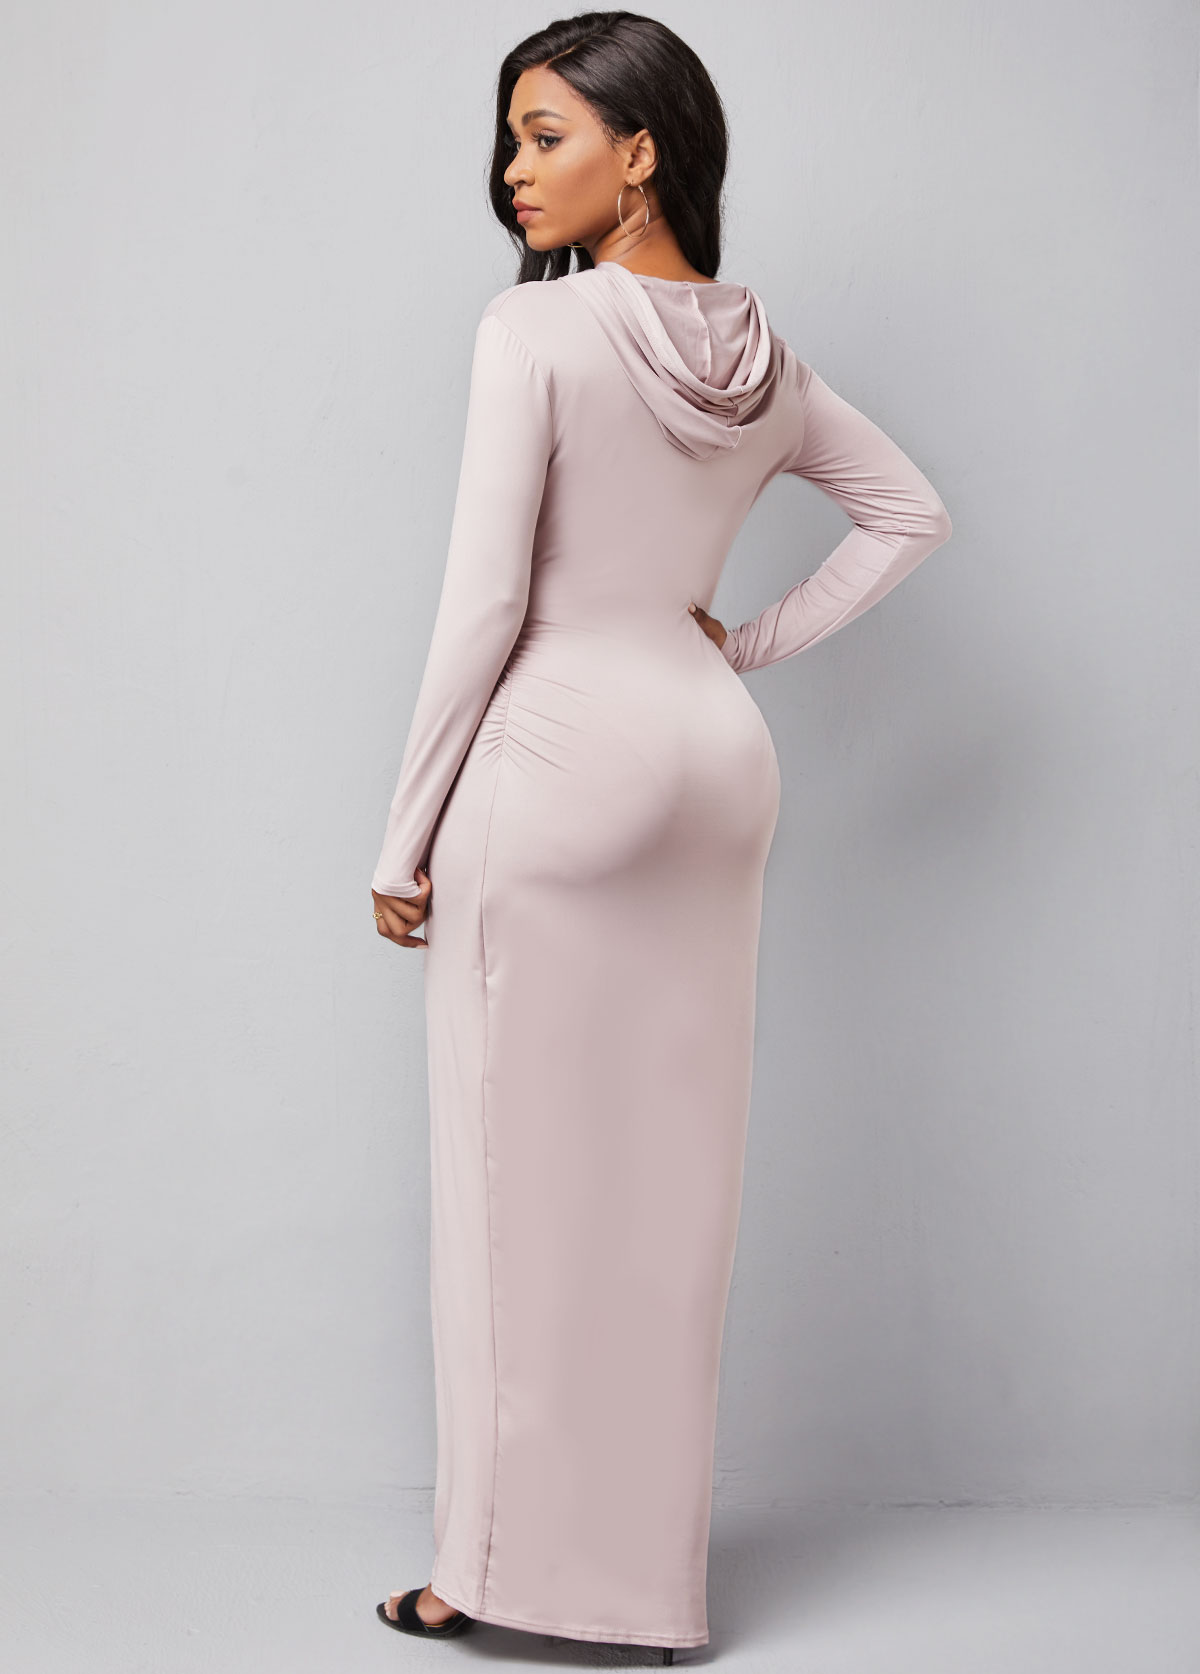 Hooded Collar Letter Print Long Sleeve Dress